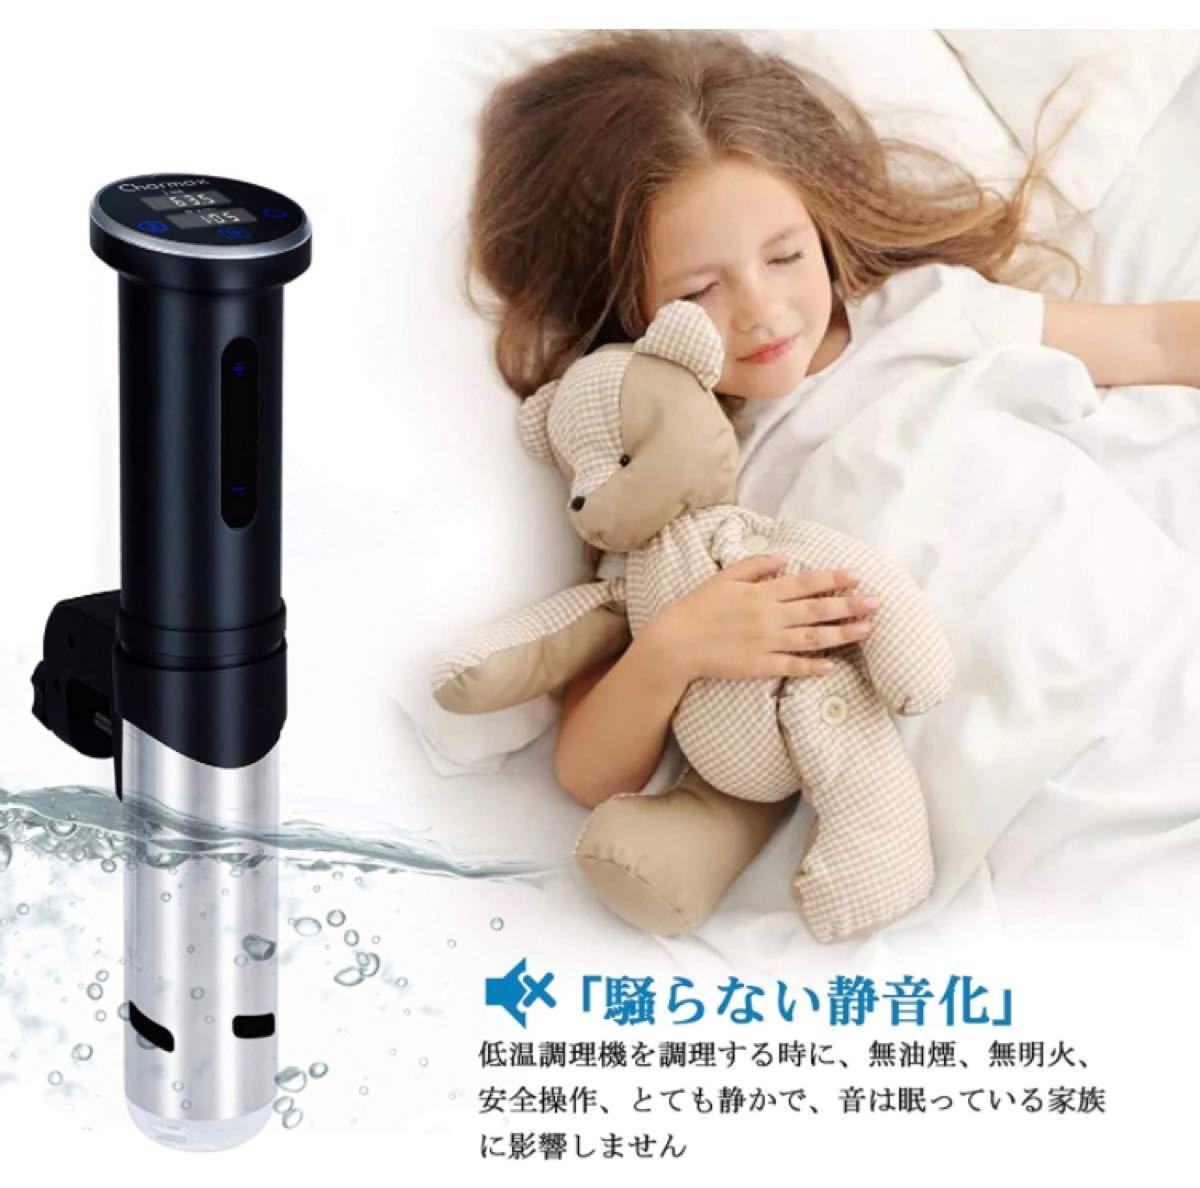 低温調理器 1100Wハイパワー  スロークッカー   日本語説明書レシピ付き